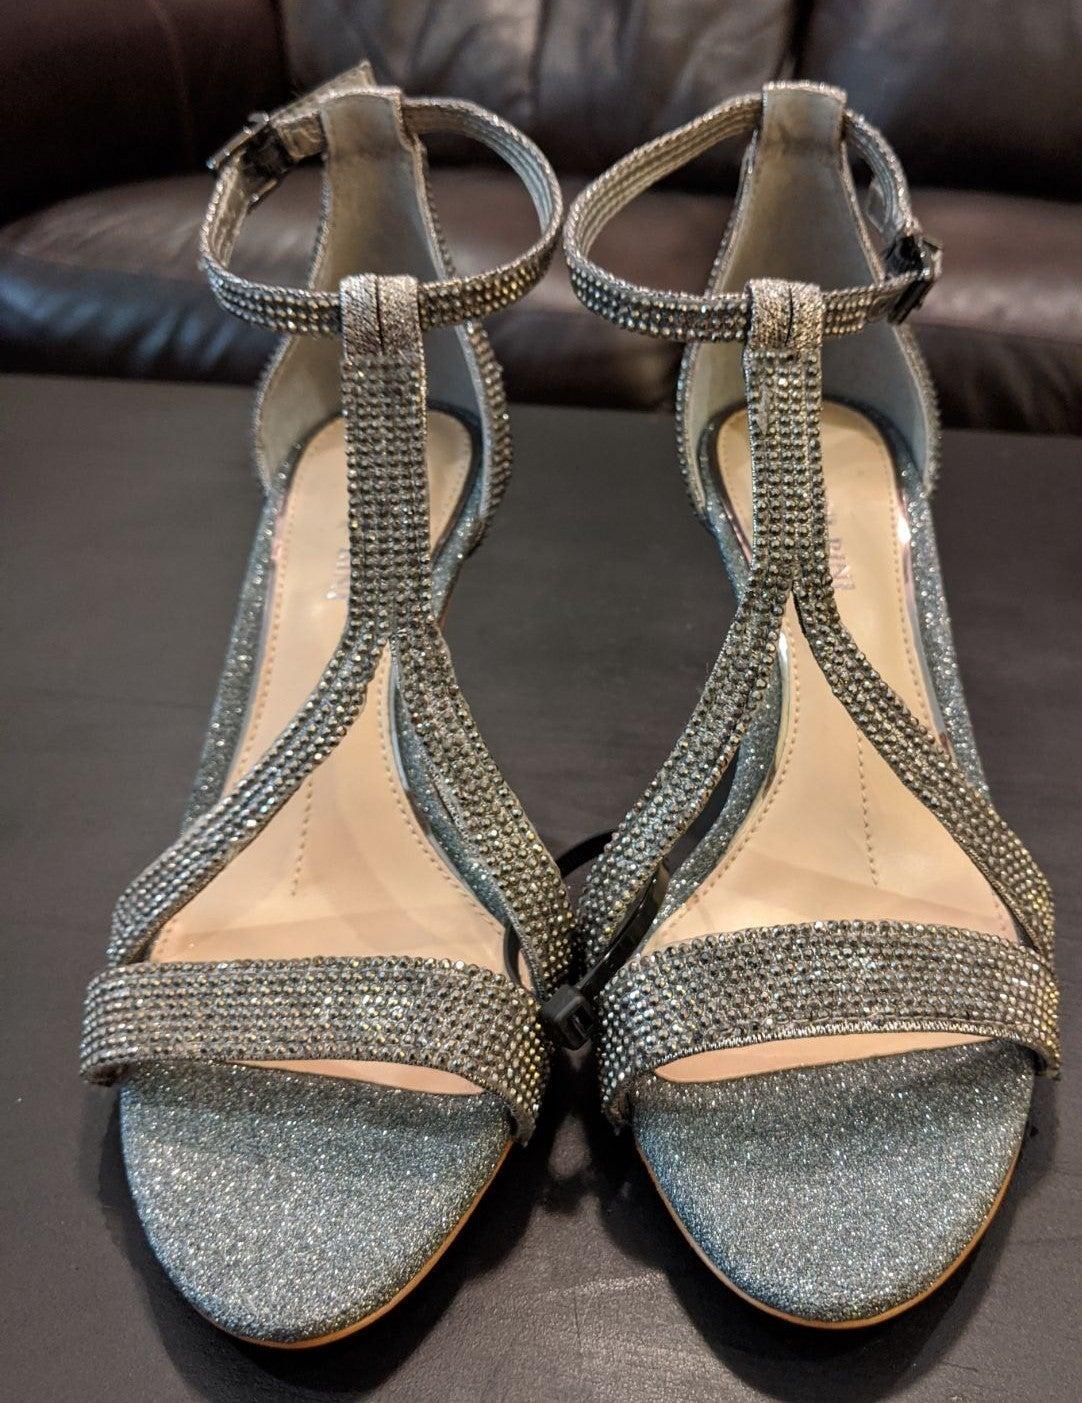 Gianni Bini Linadora Graphite Heels